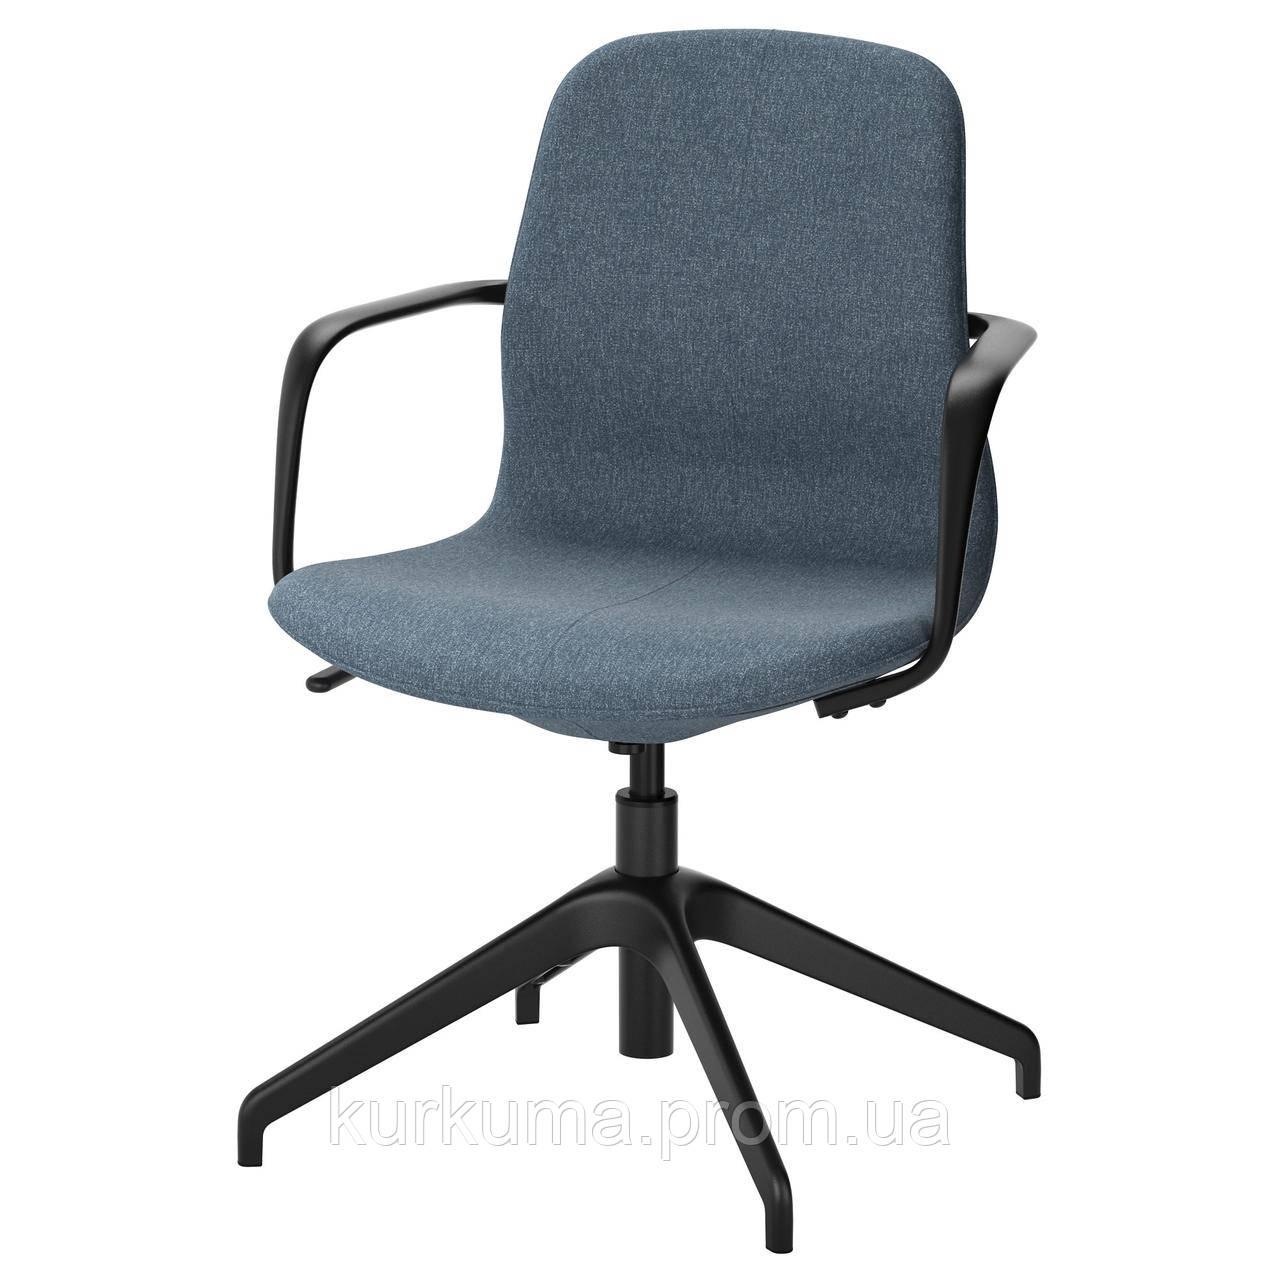 IKEA LANGFJALL Рабочий стул, синее, черный  (891.762.27)